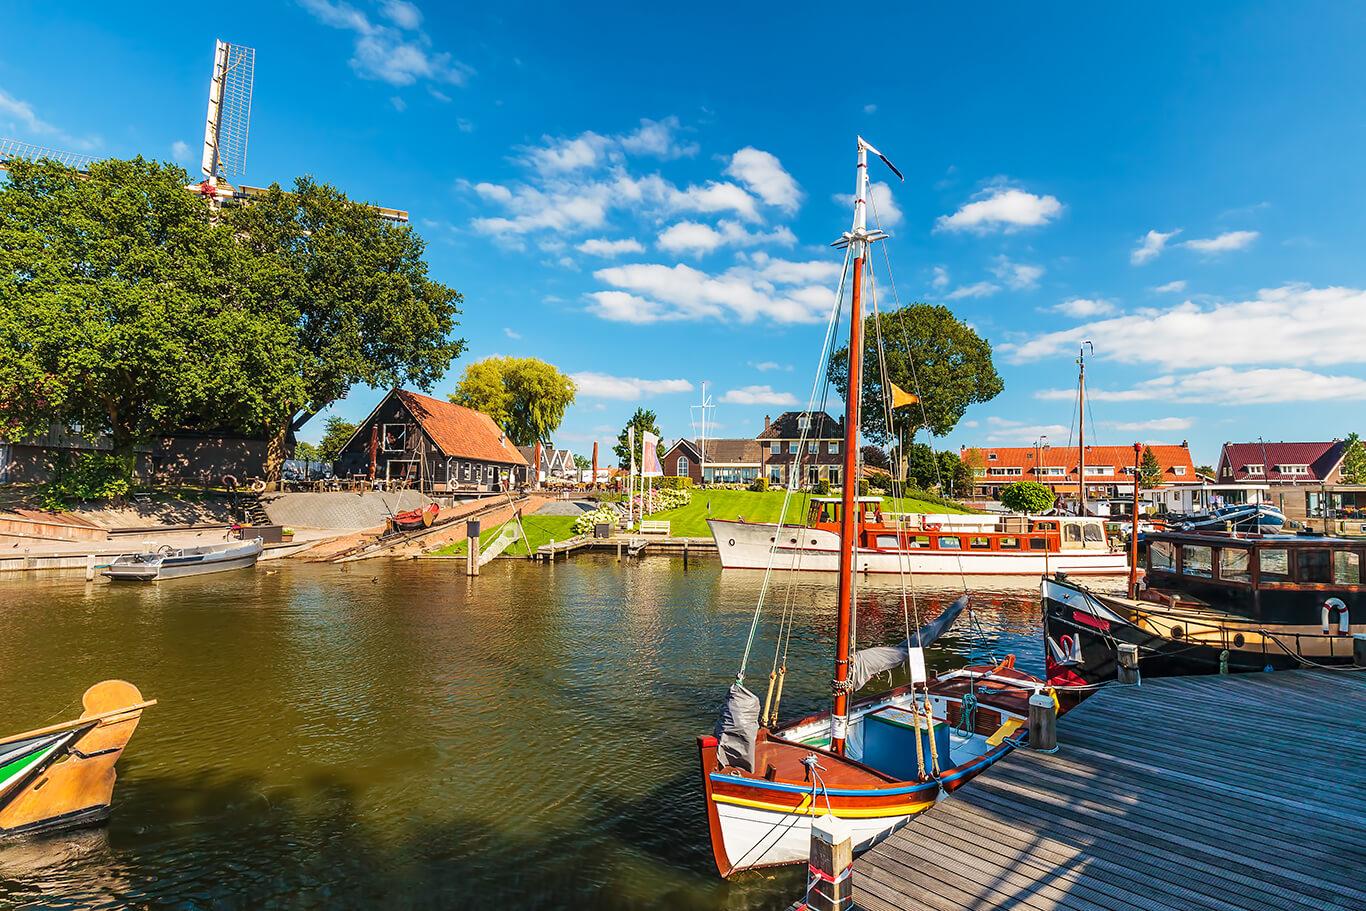 Nederlande